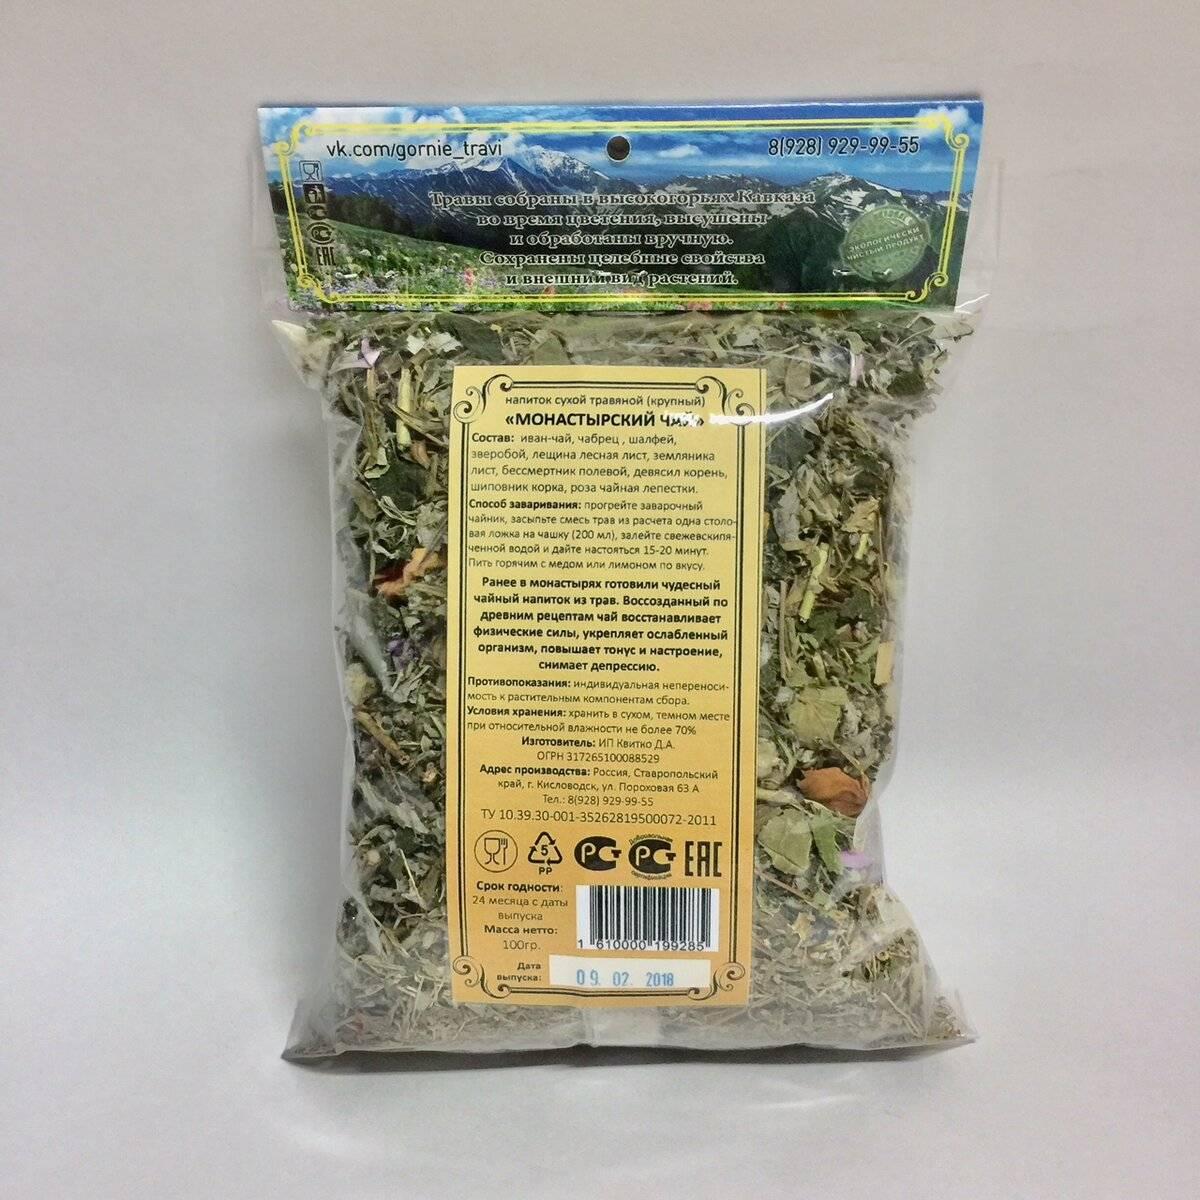 Монастырский чай от алкоголизма: состав, рецепт, инструкция